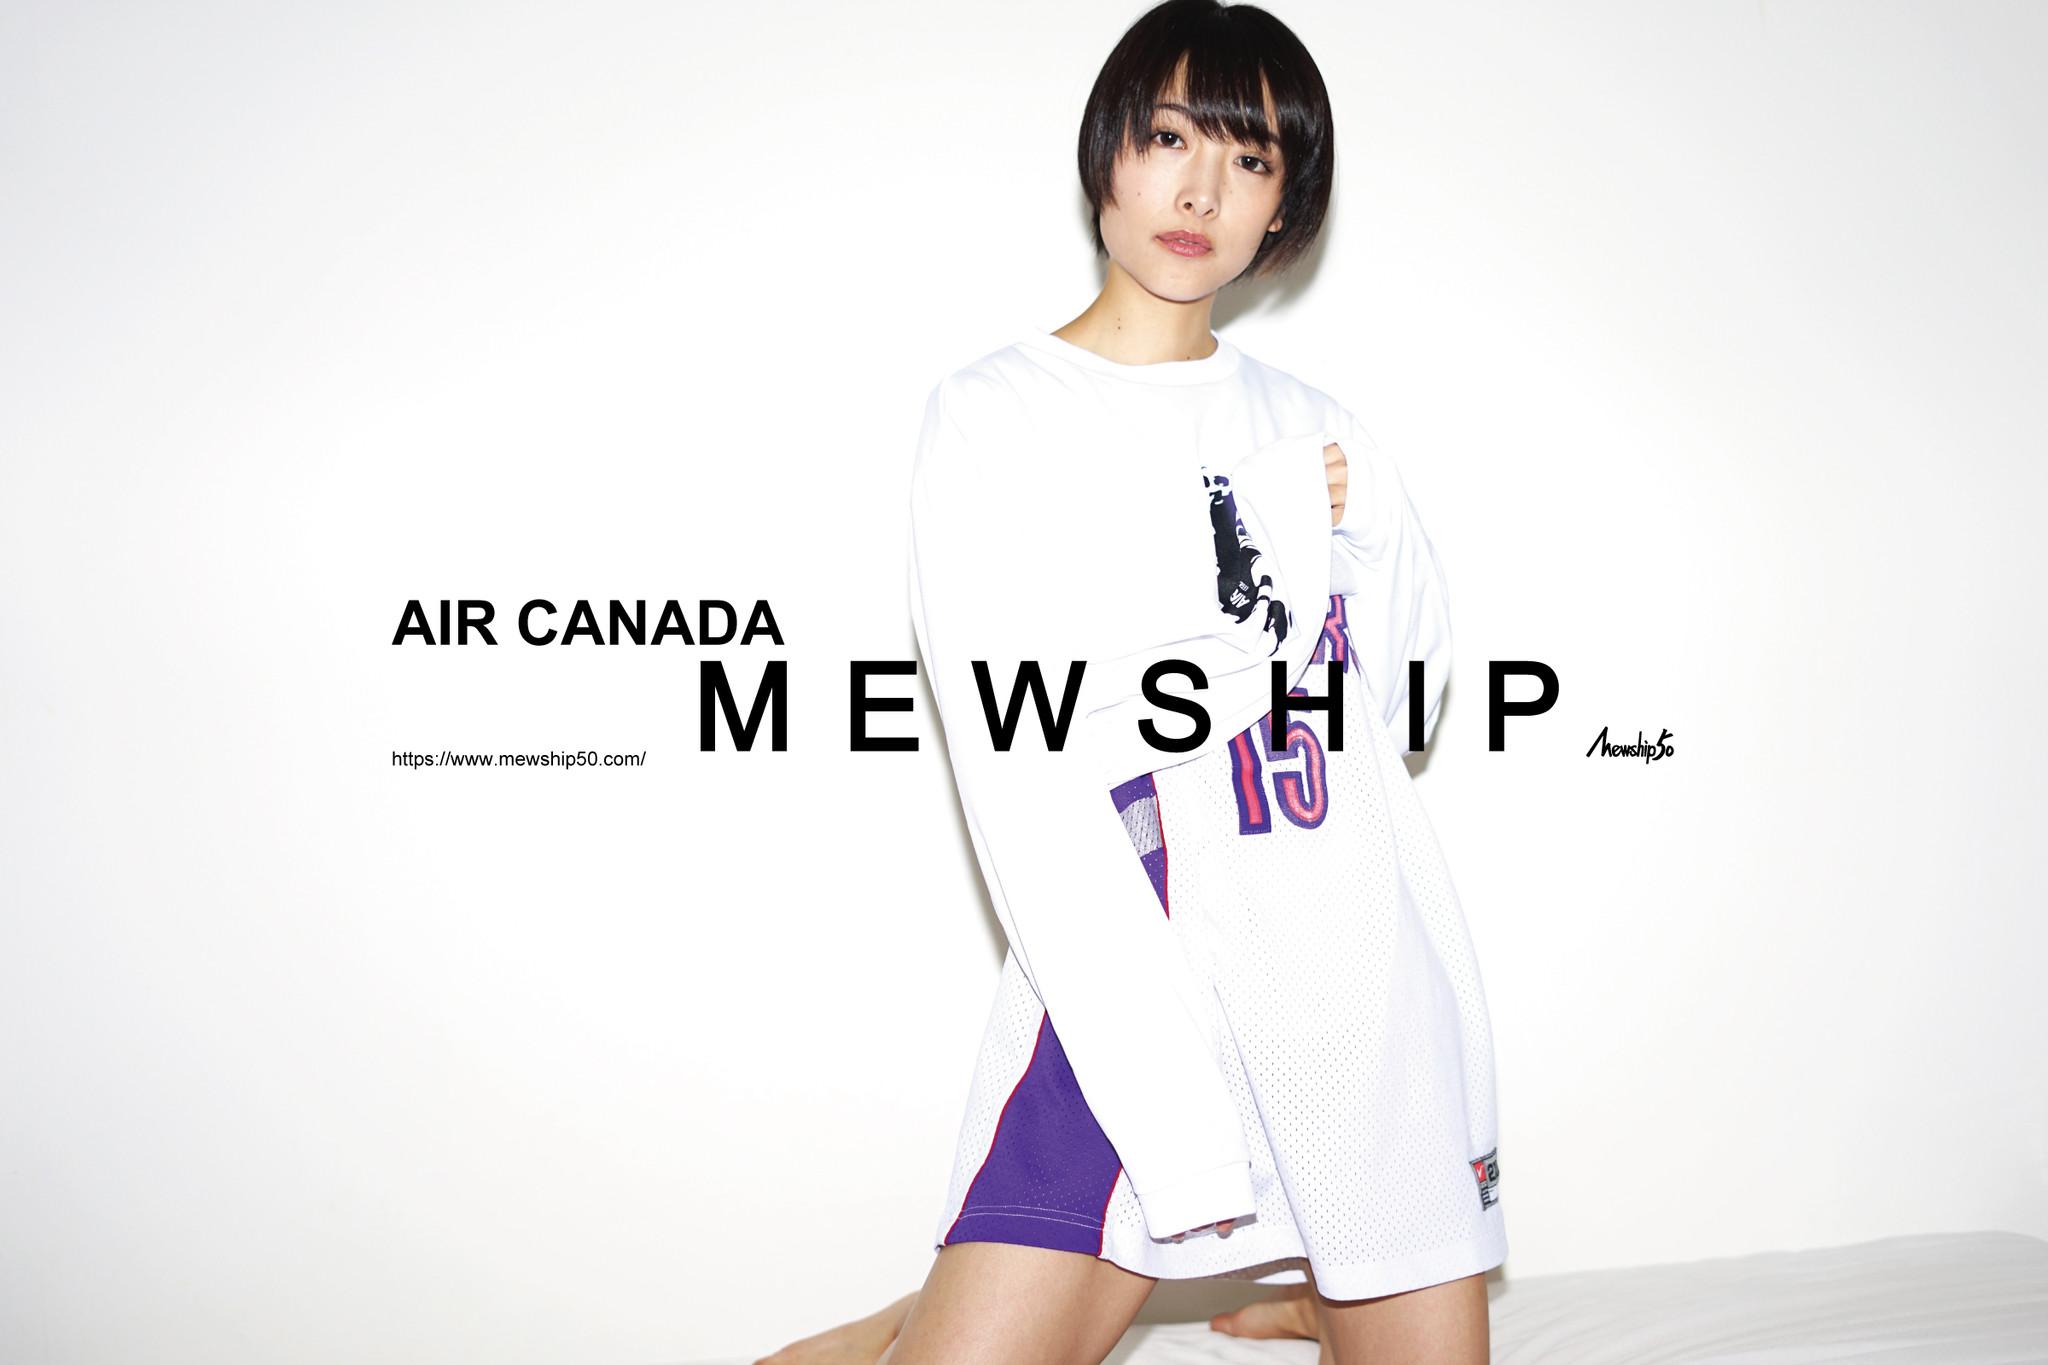 2019 WINTER 3 AIR CANADA